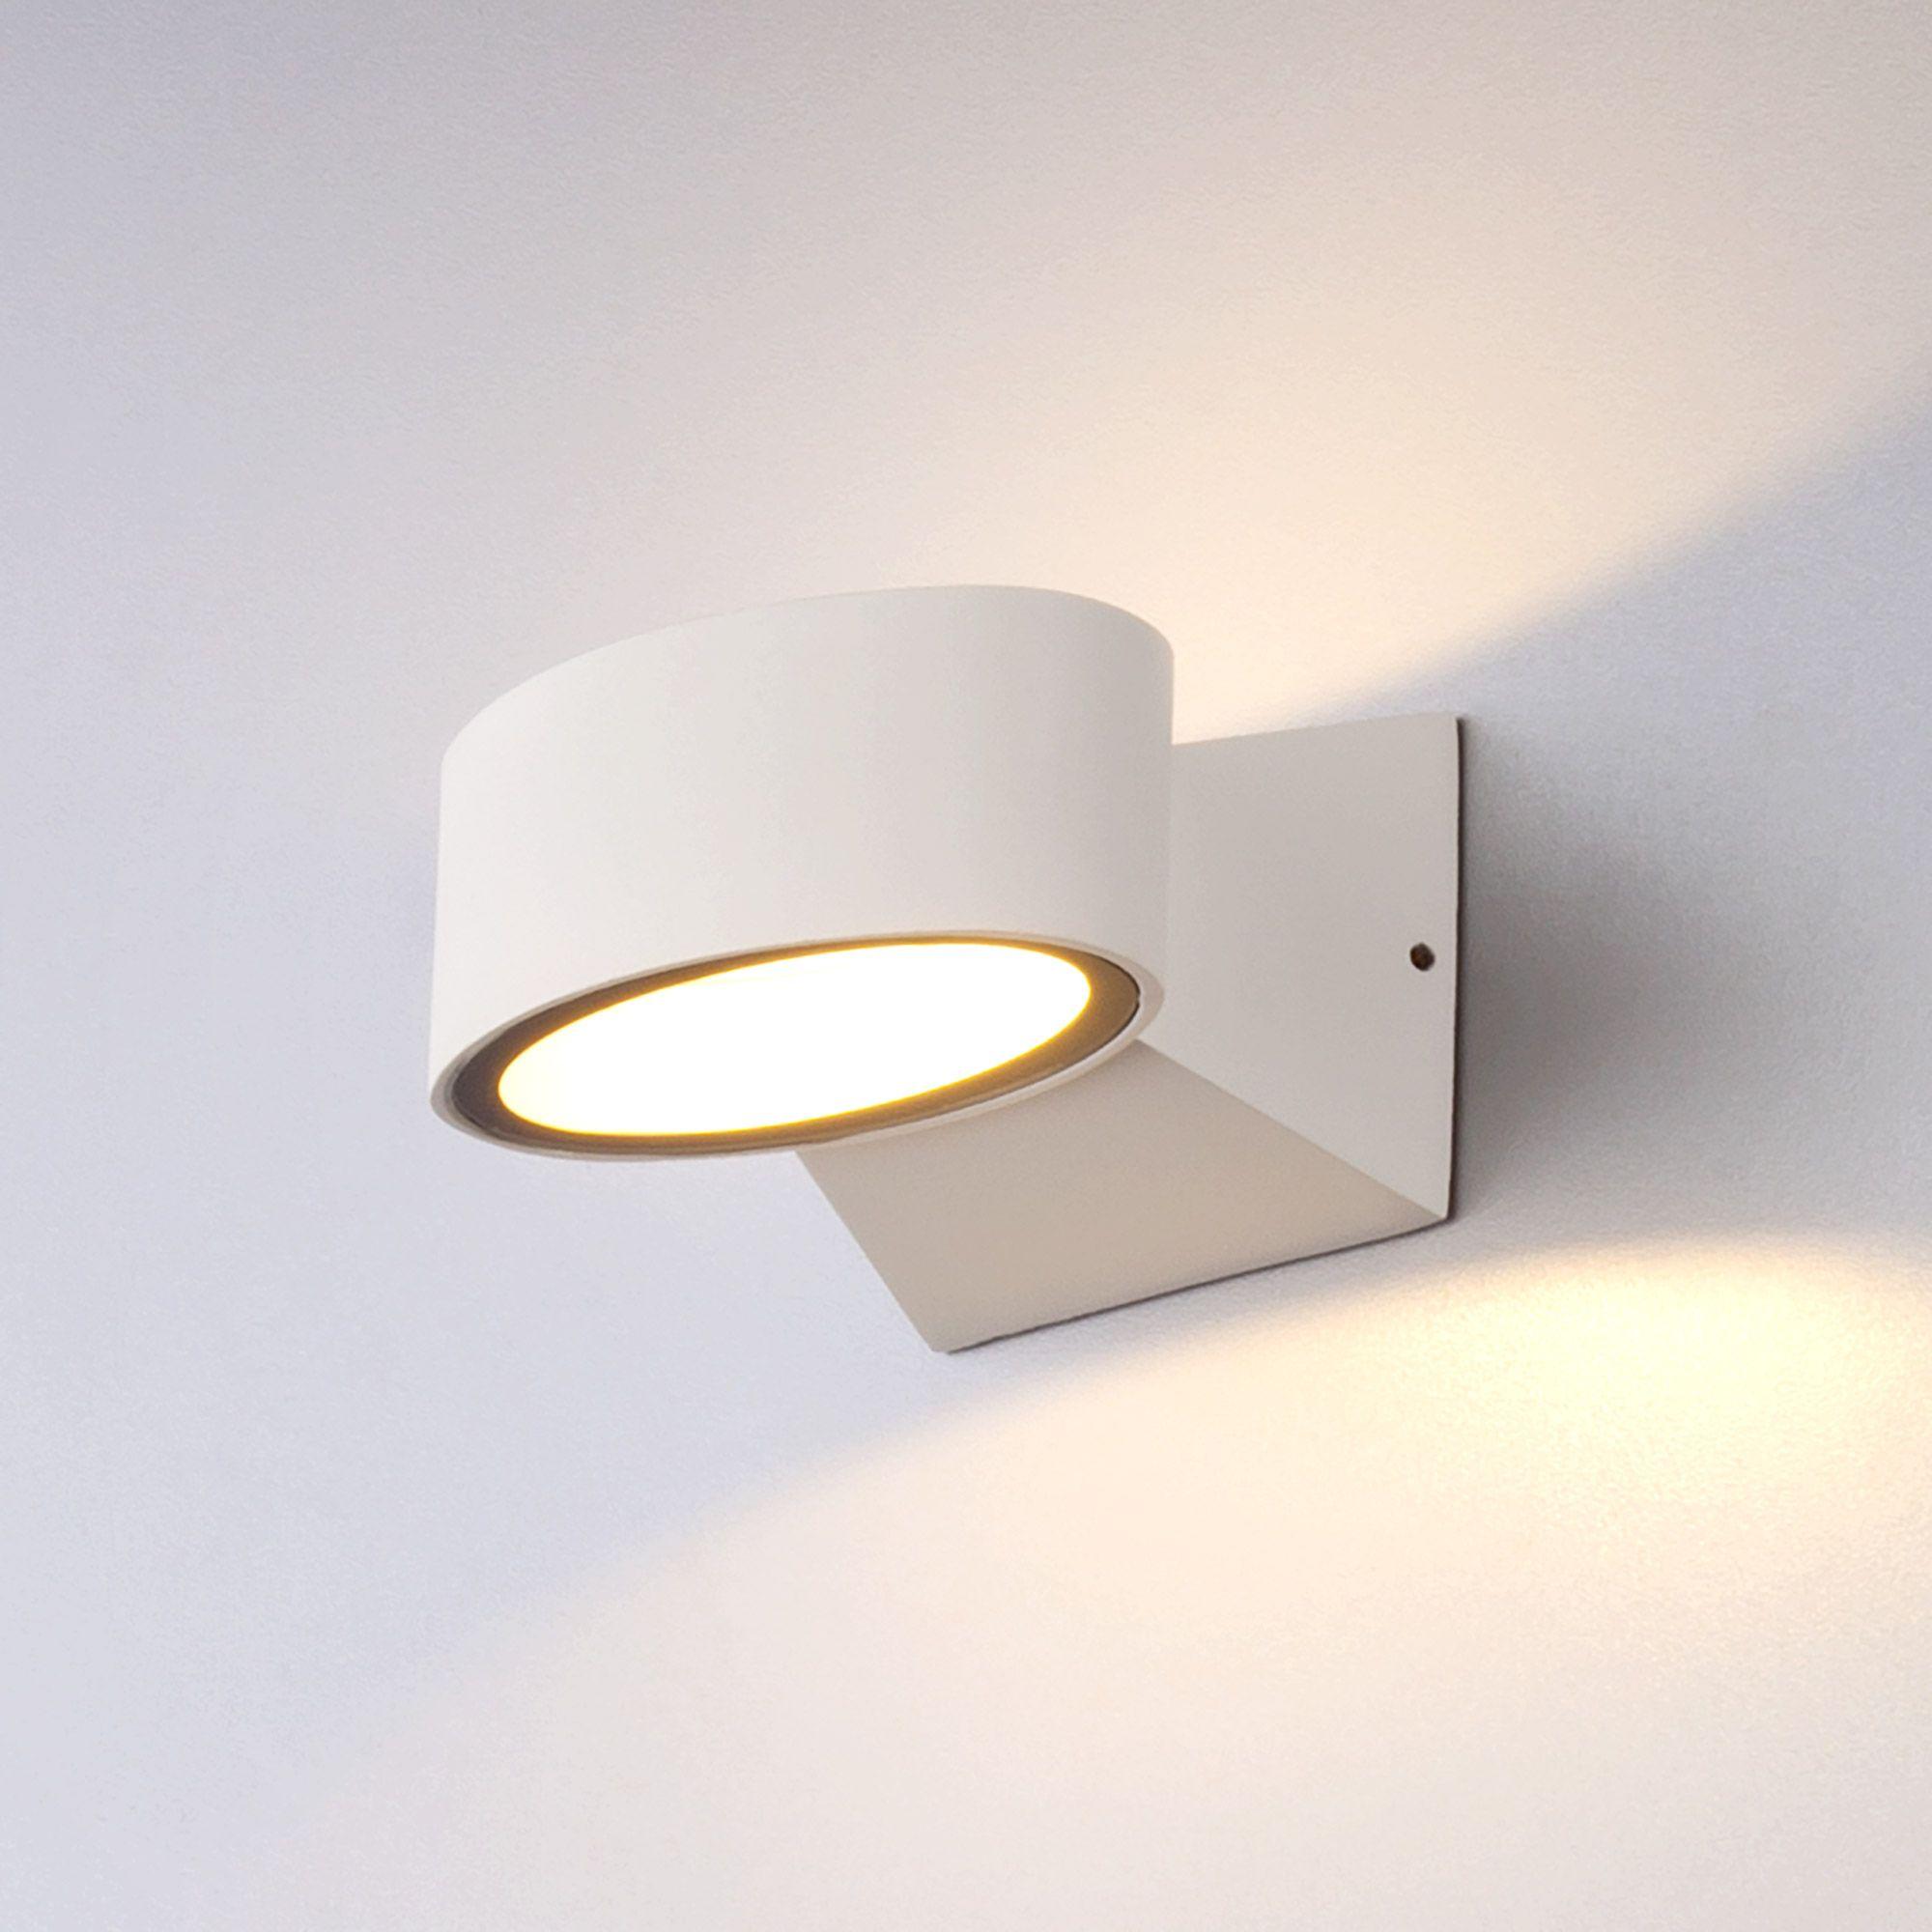 Пылевлагозащи<wbr>щенный светодиодный светильник Blinc белый IP54 1549 Techno LED белый